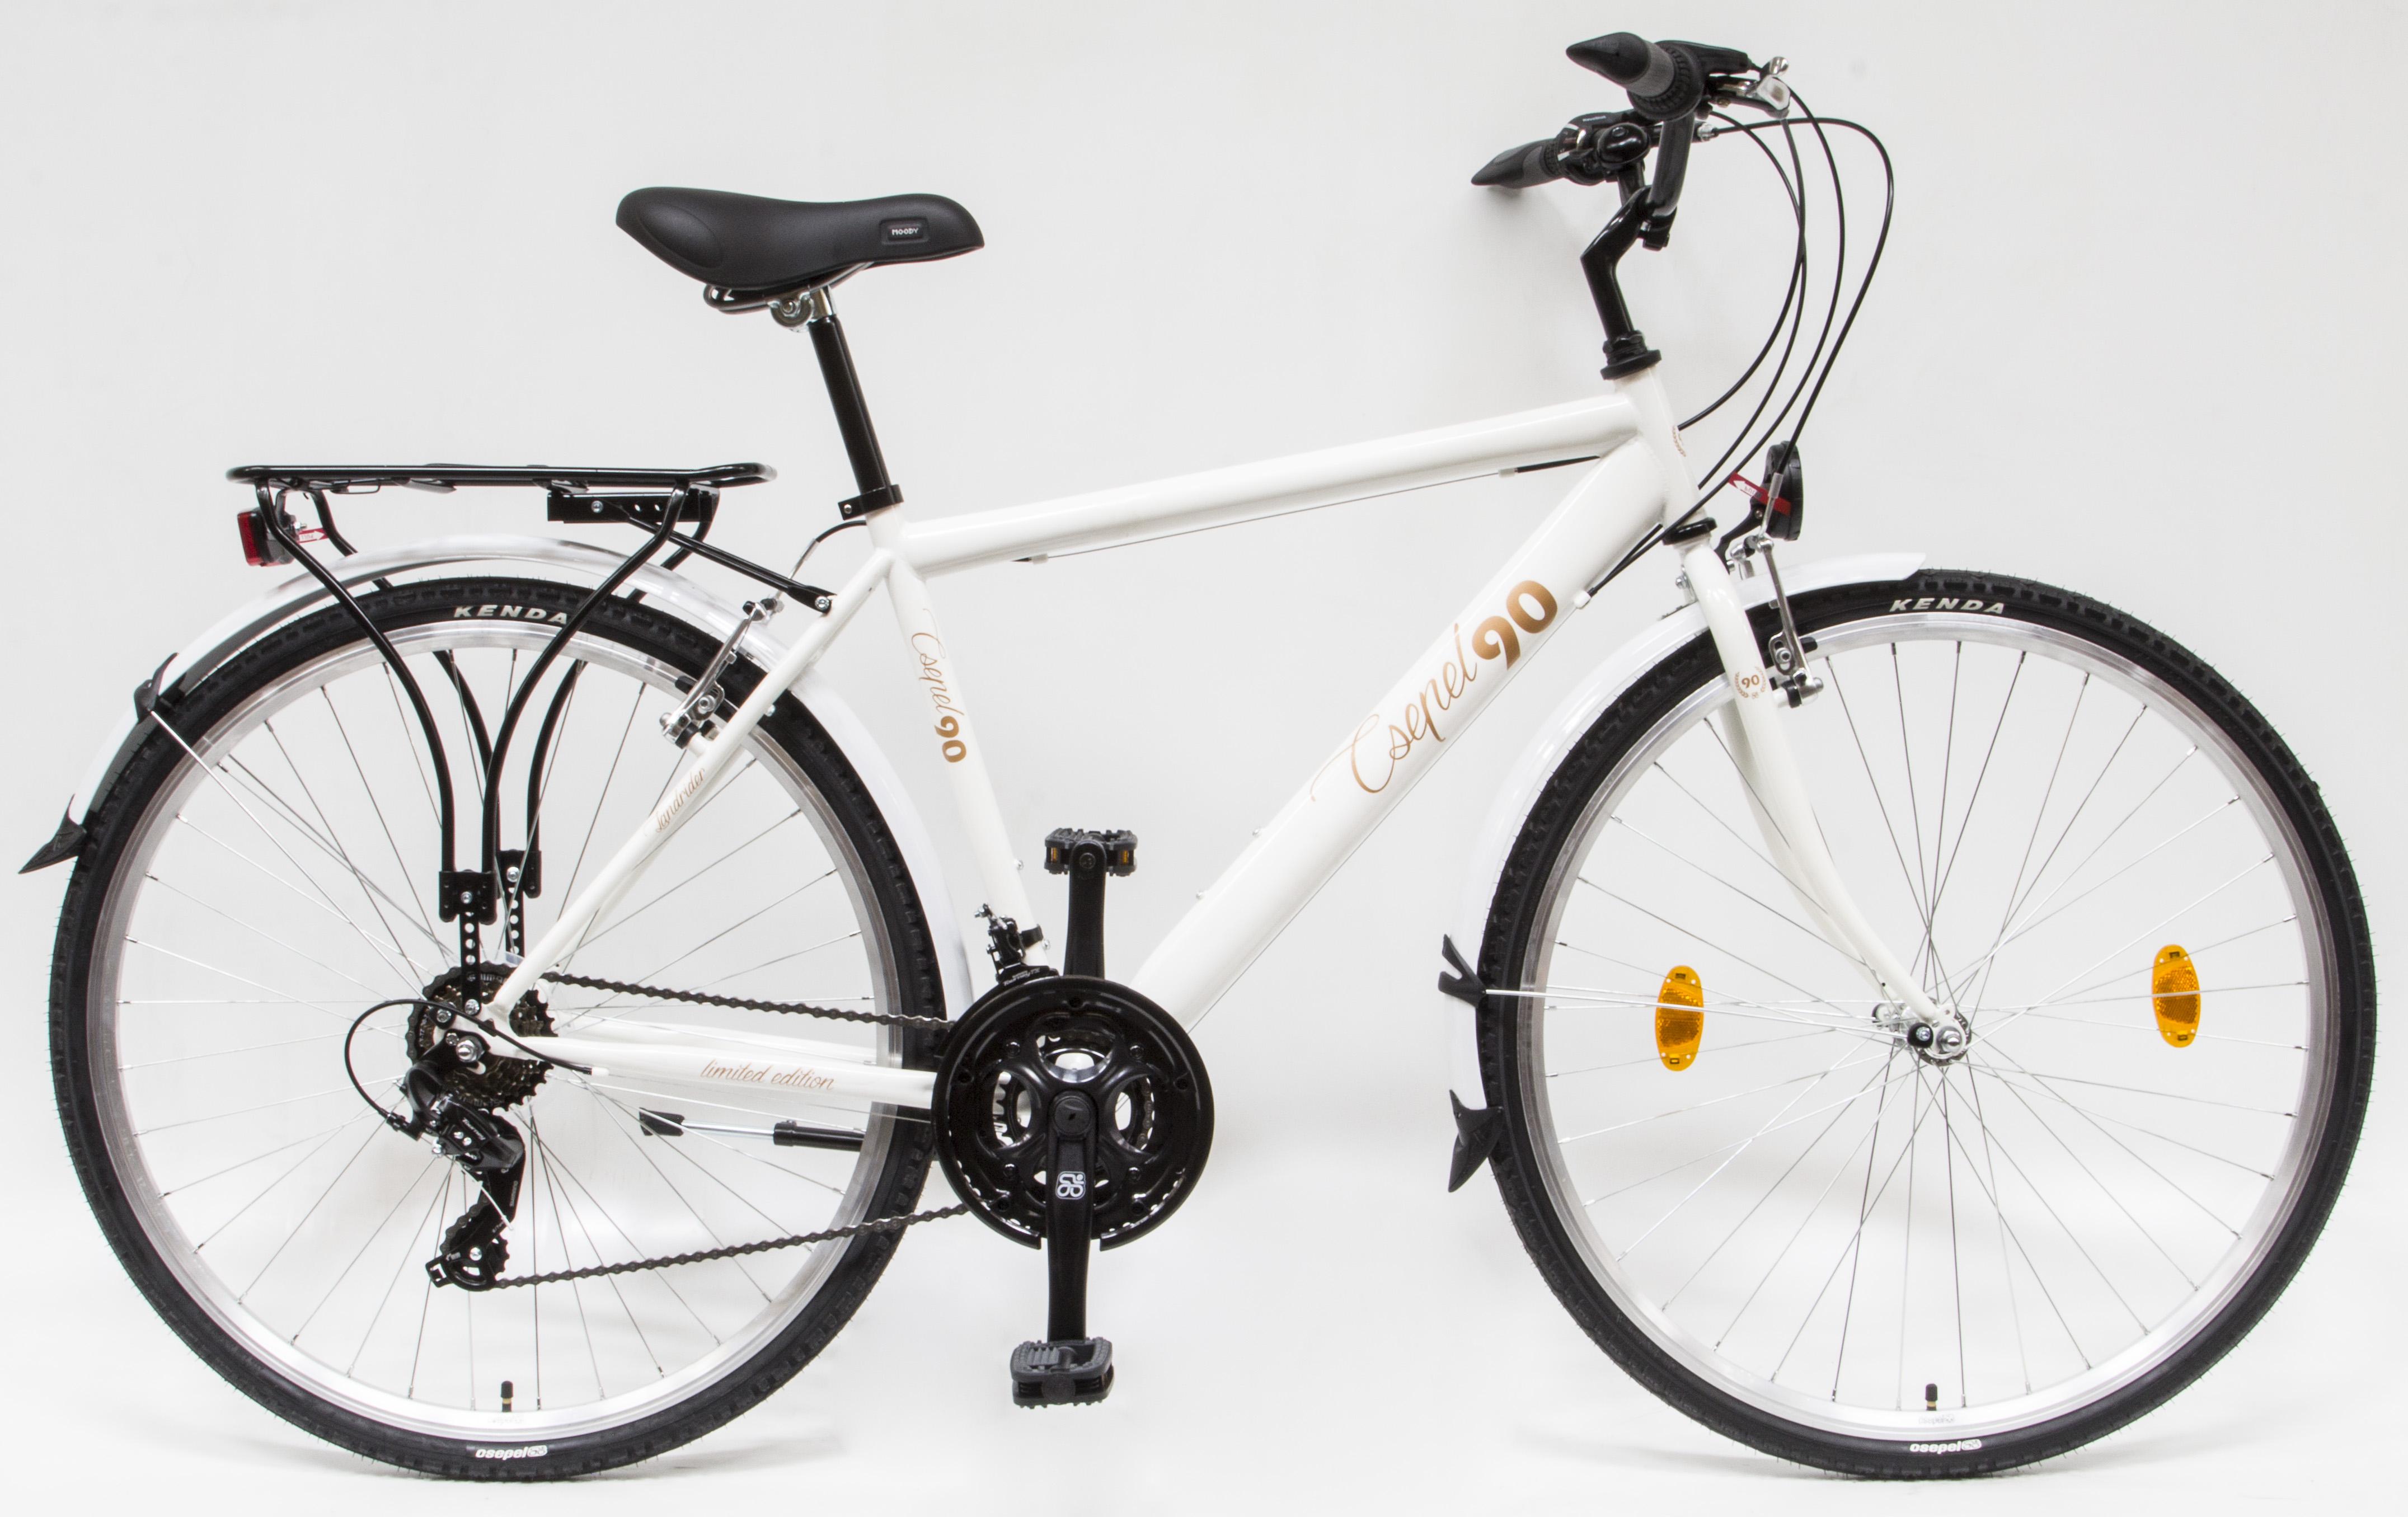 ea2a8398edb5 Schwinncsepel LANDRIDER 28/19 21SP 90 LIMITÁLT férfi trekking Kerékpár |  férfi | Kerépár Webshop | Akciós kerékpárok